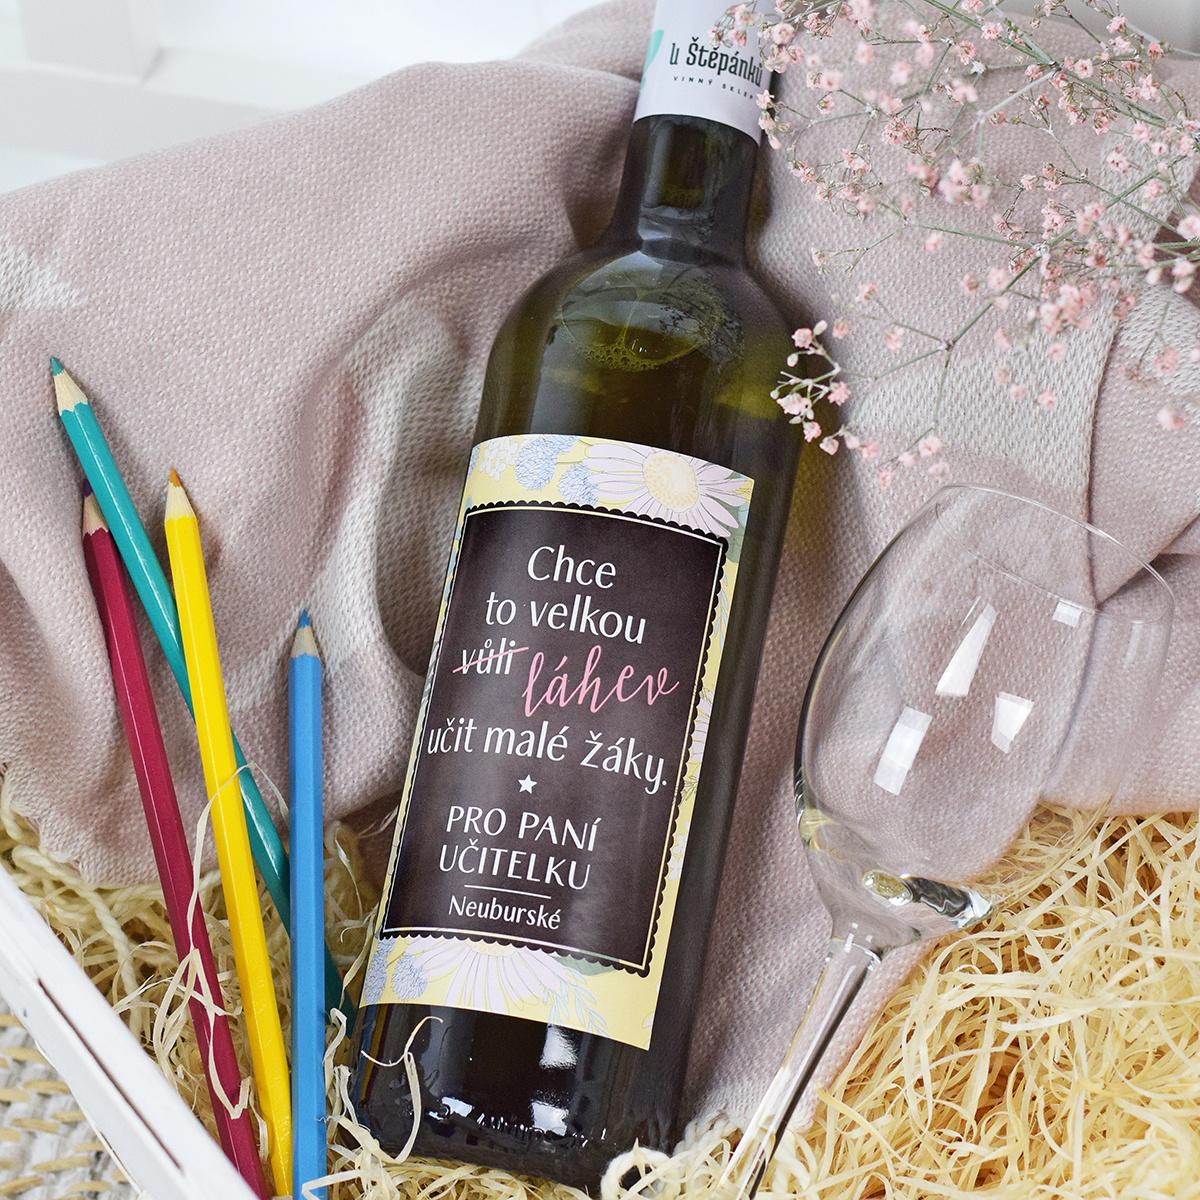 HOUSEDECOR Dárkové víno - bílé - Chce to velkou láhev (pro paní učitelku)